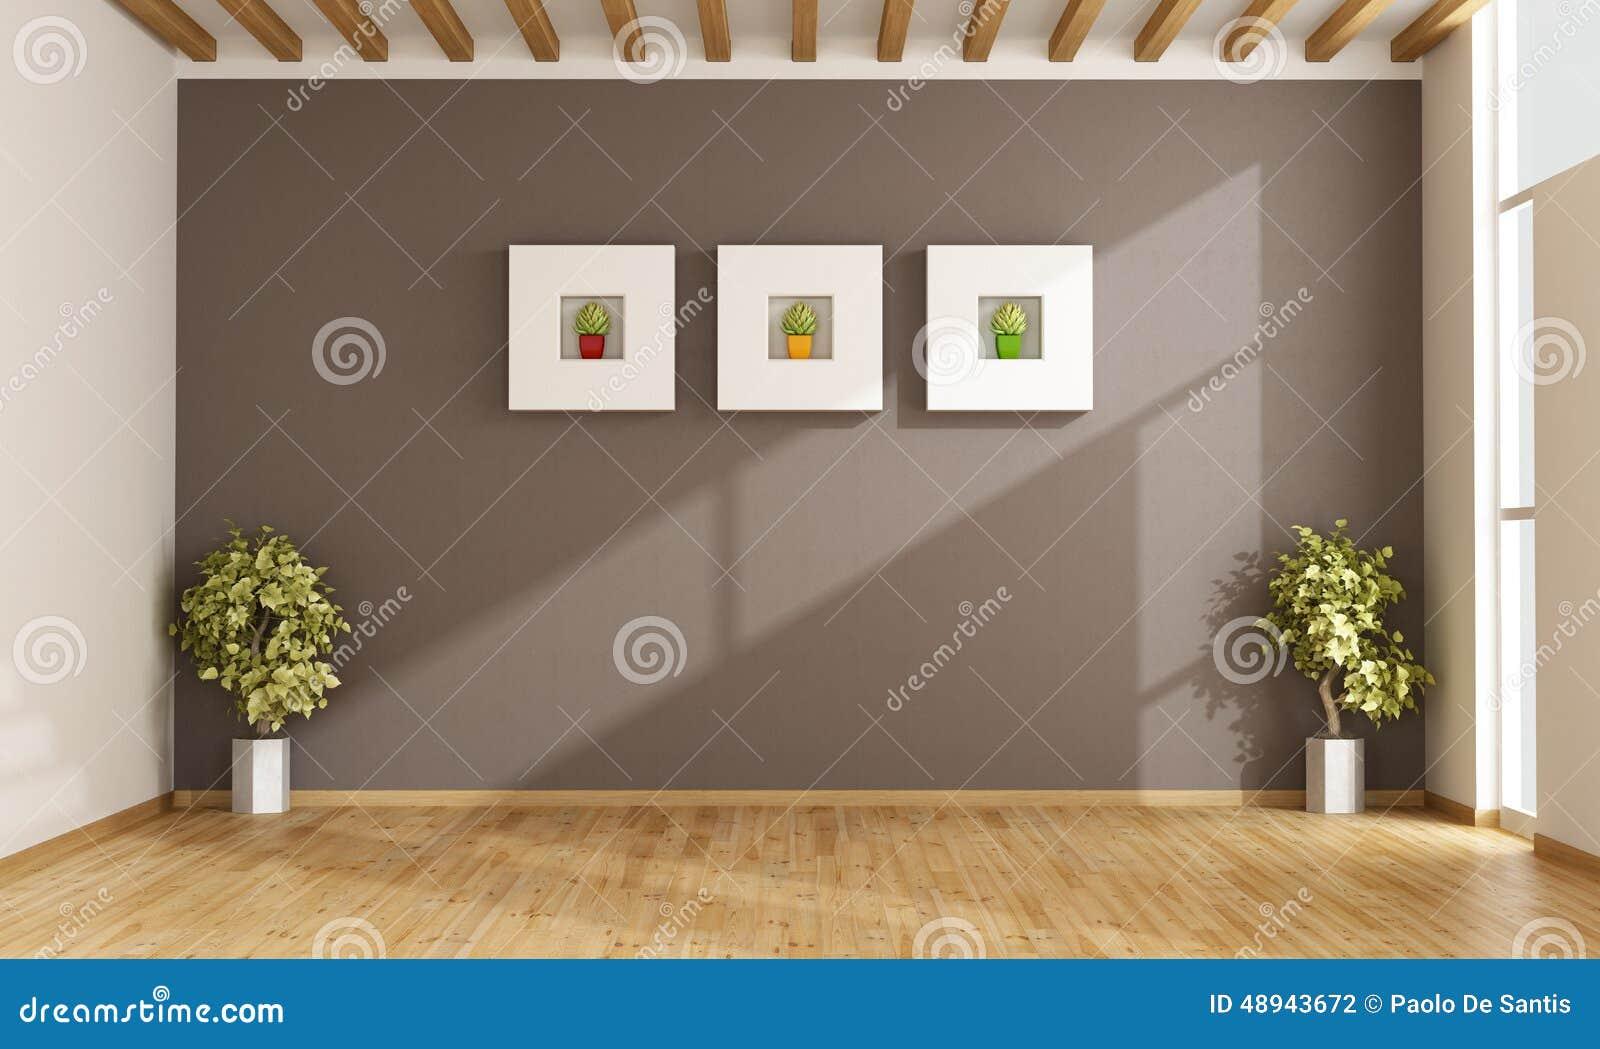 Lege Woonkamer Met Bruine Muur Stock Illustratie - Illustratie ...